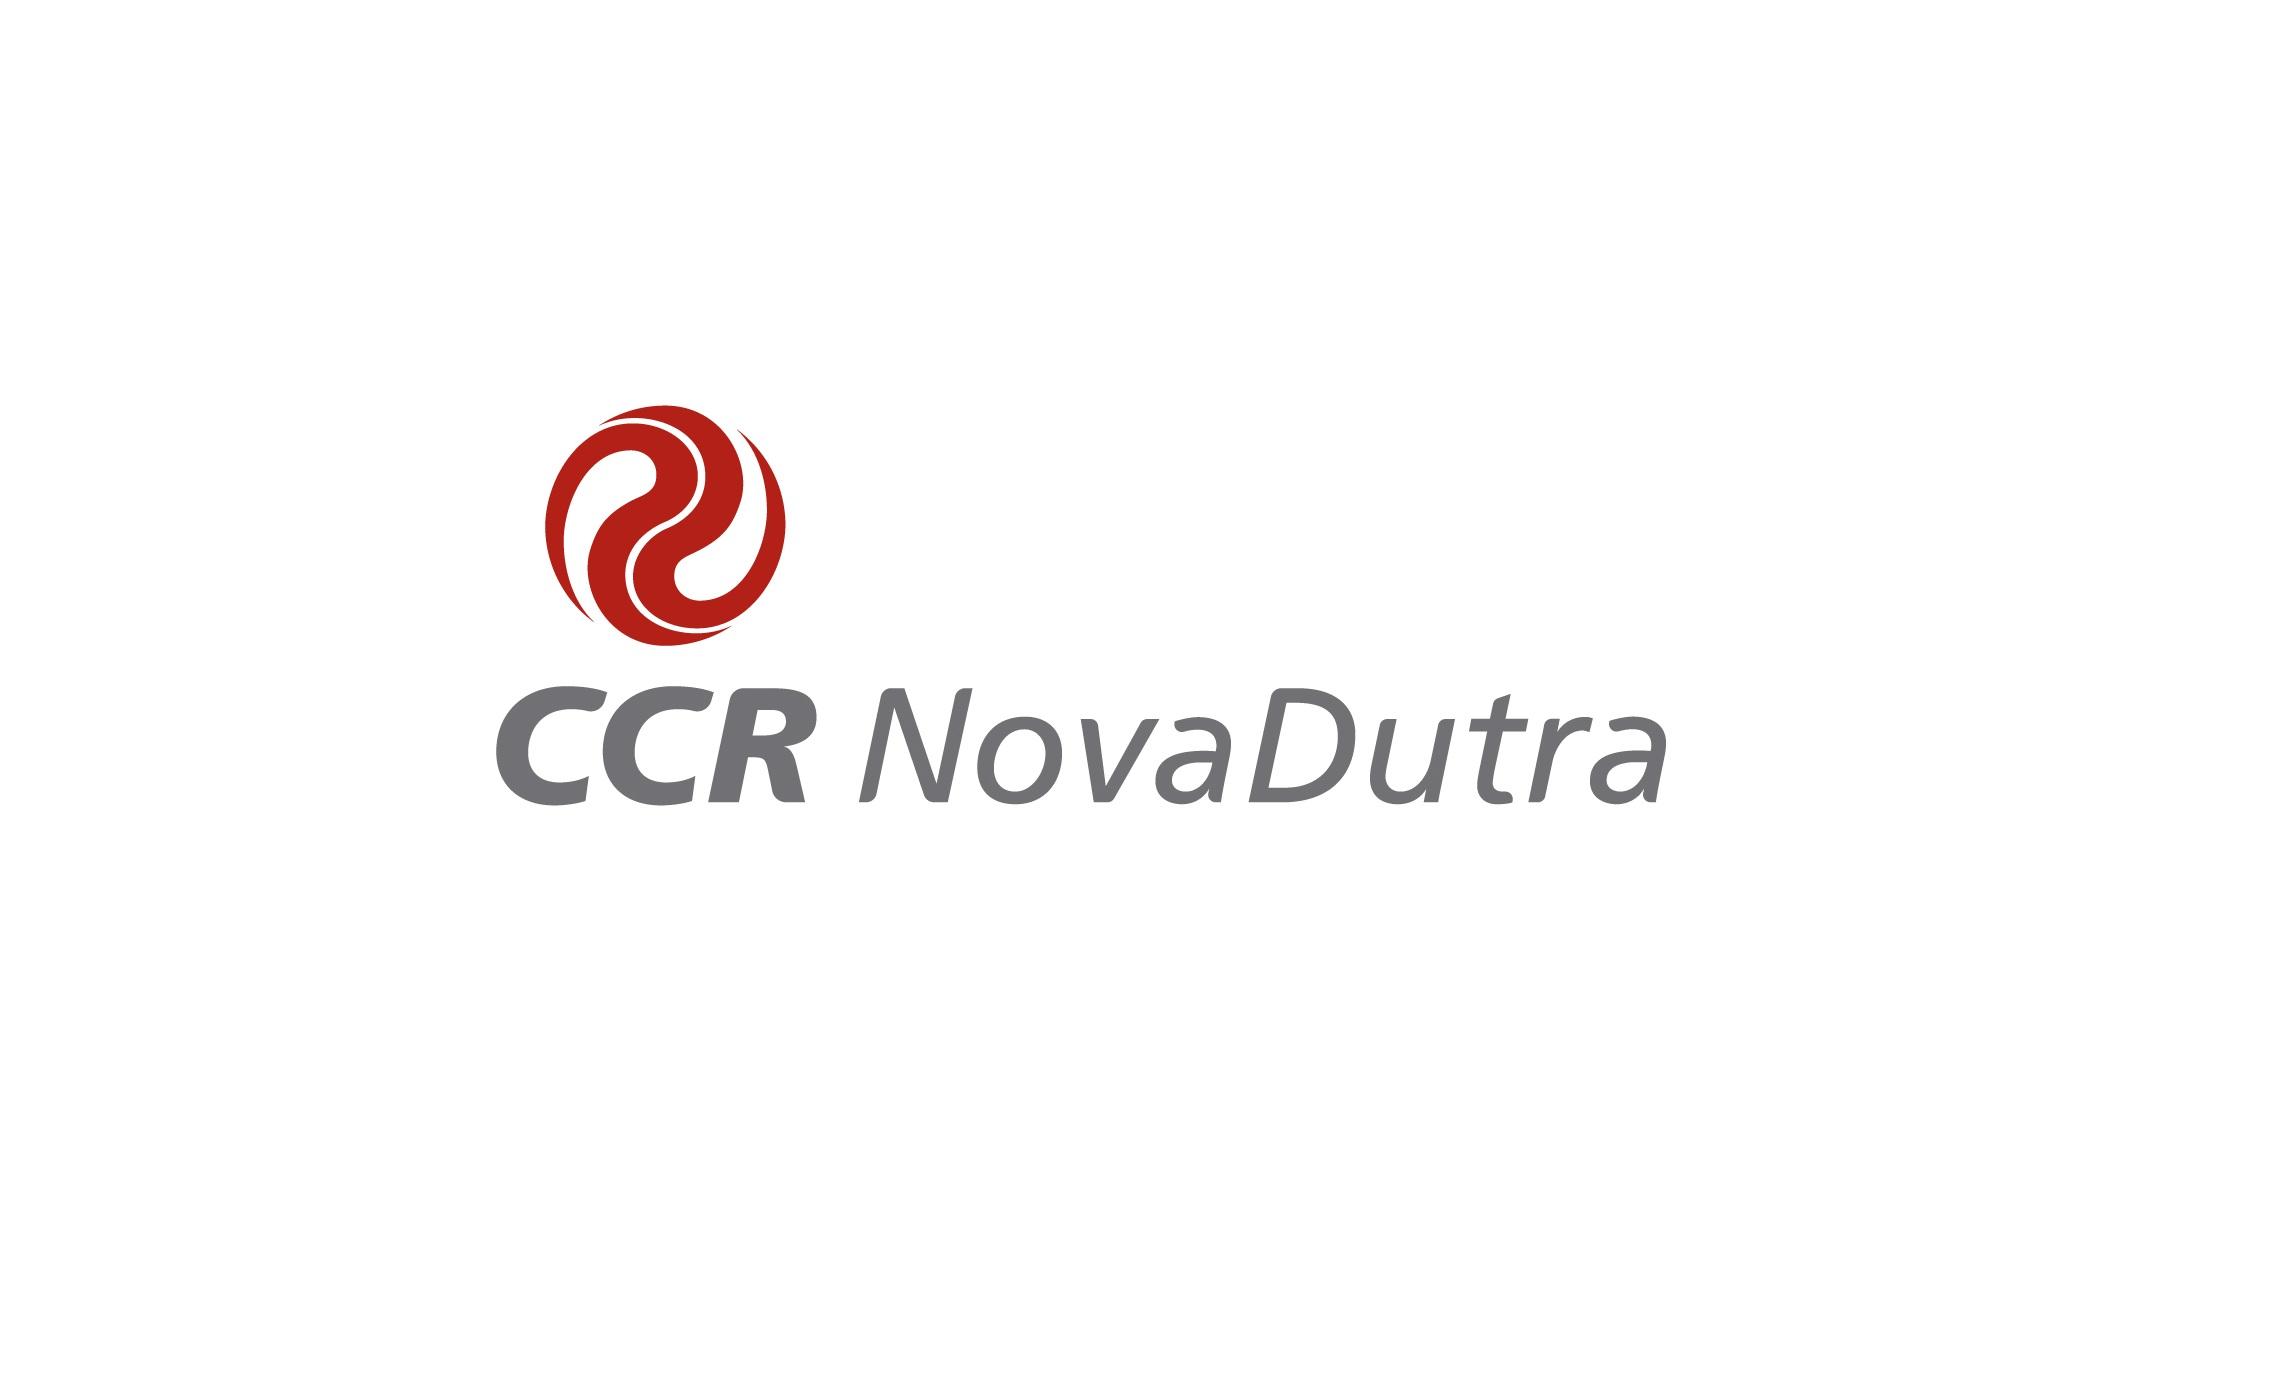 CCR NOVA DUTRA